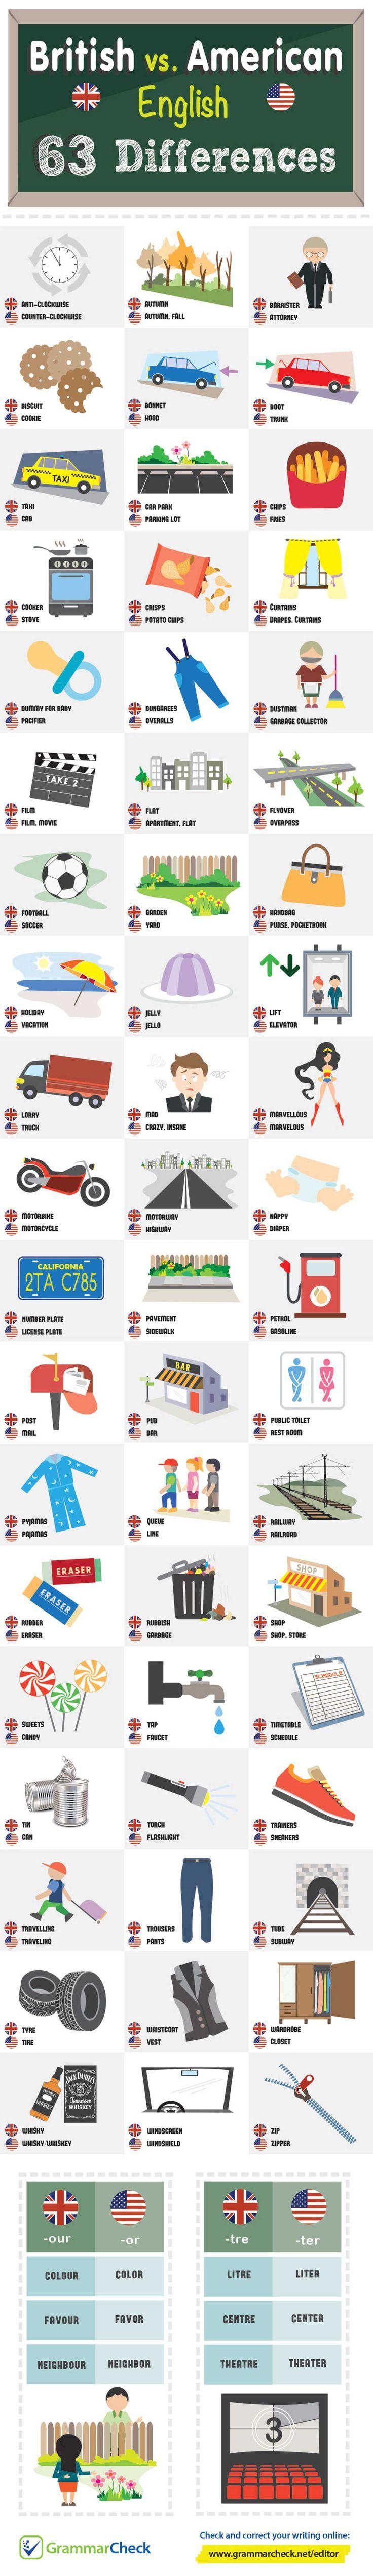 O Inglês Britânico e Inglês Americano são iguais, embora existam muitas diferenças sutis, particularmente no vocabulário. Para ajudar, o site Grammarcheck realizou um infográfico mostrando 63 difer…